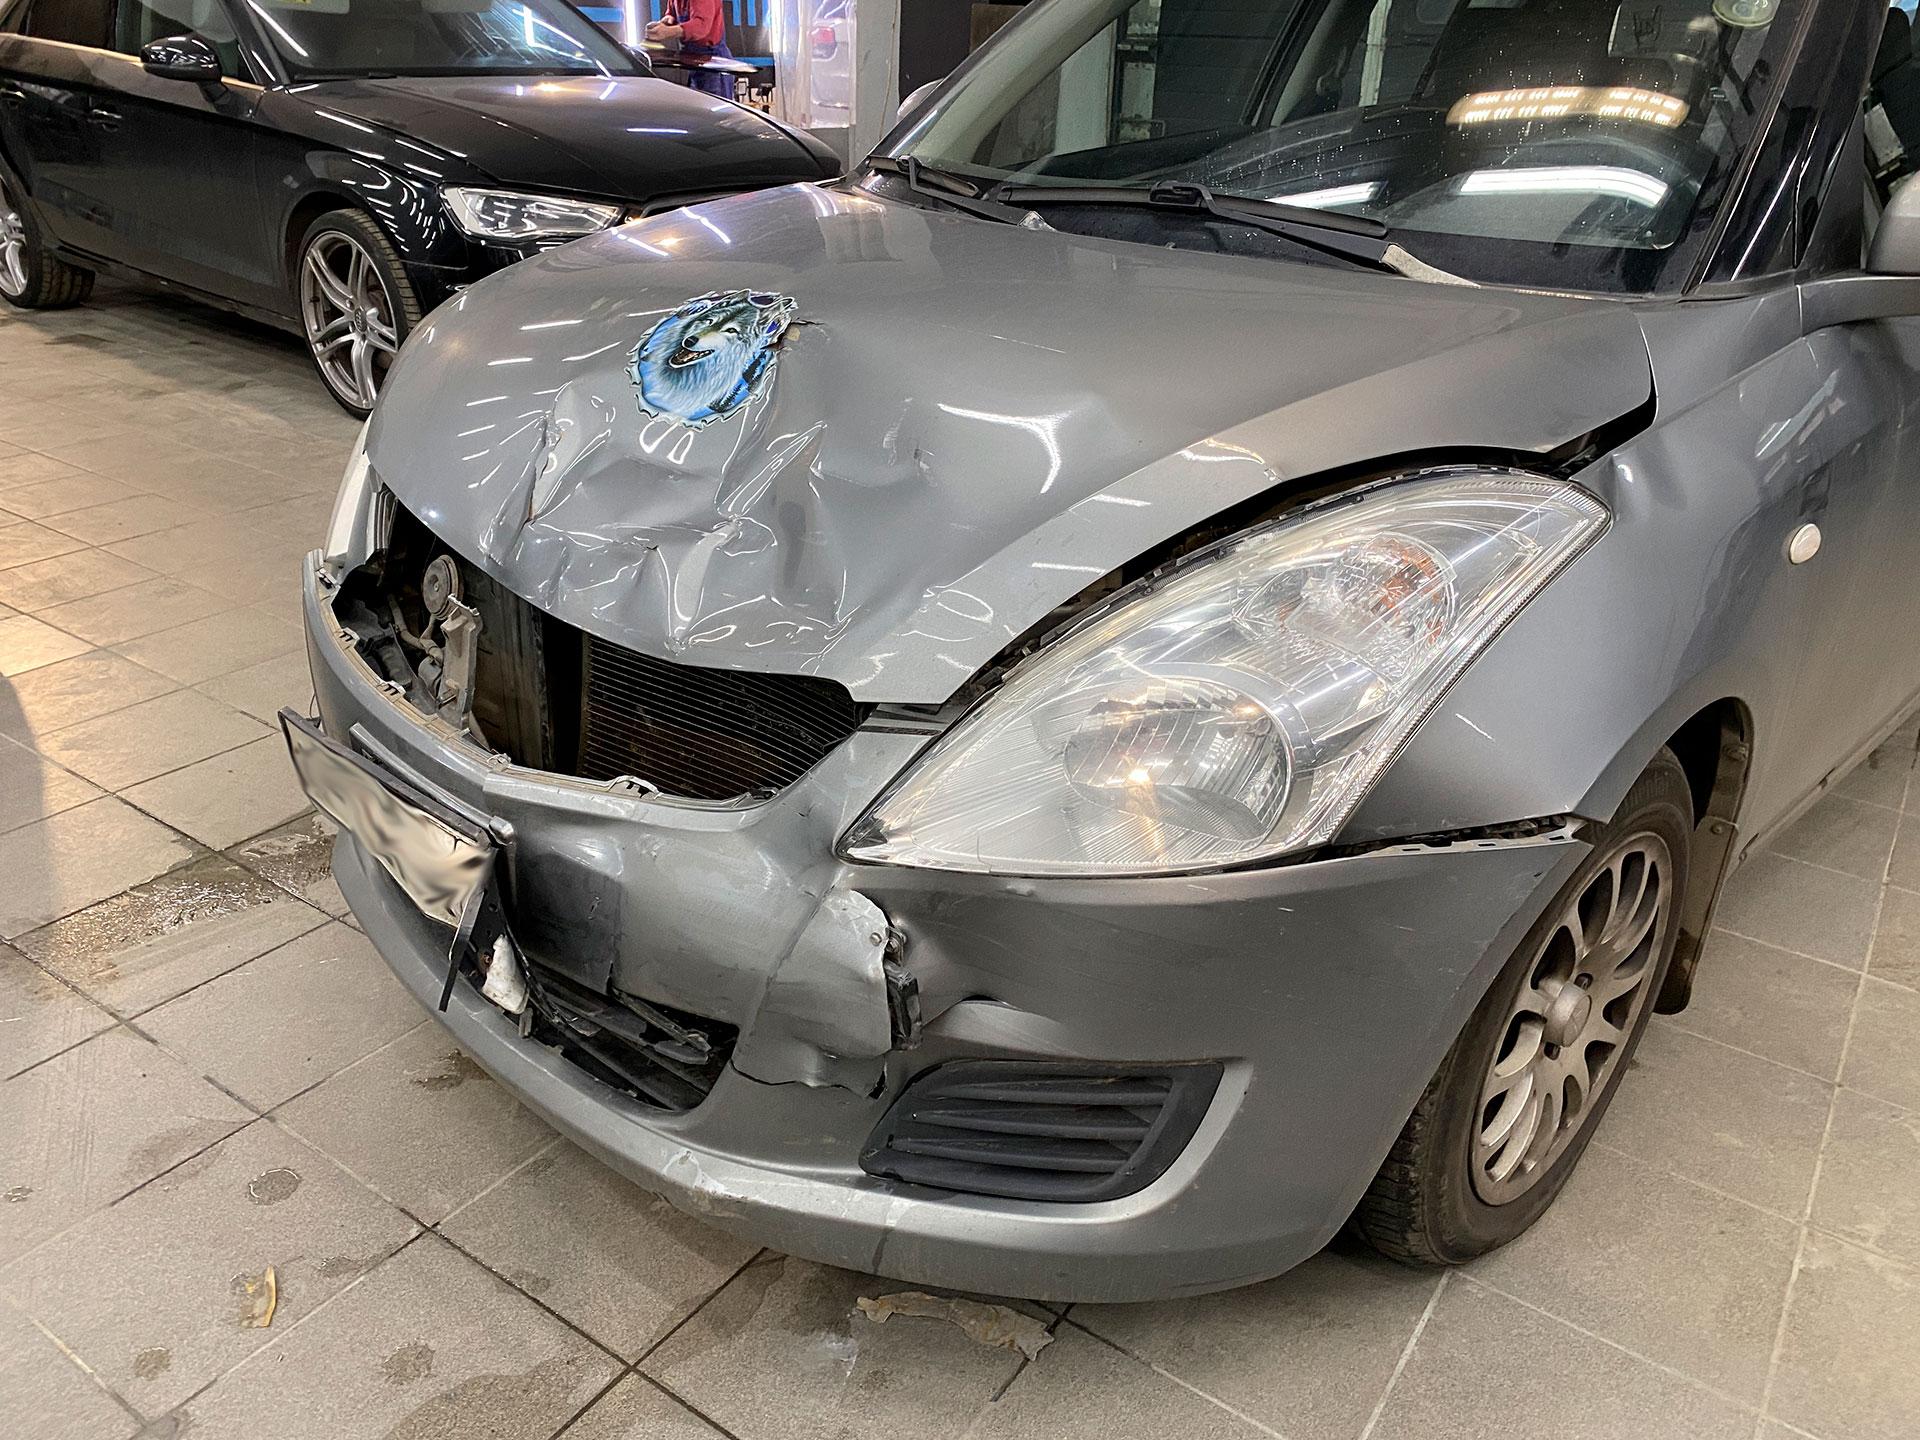 Suzuki SWIFT попал в ДТП, замена деталей и окрас передней части